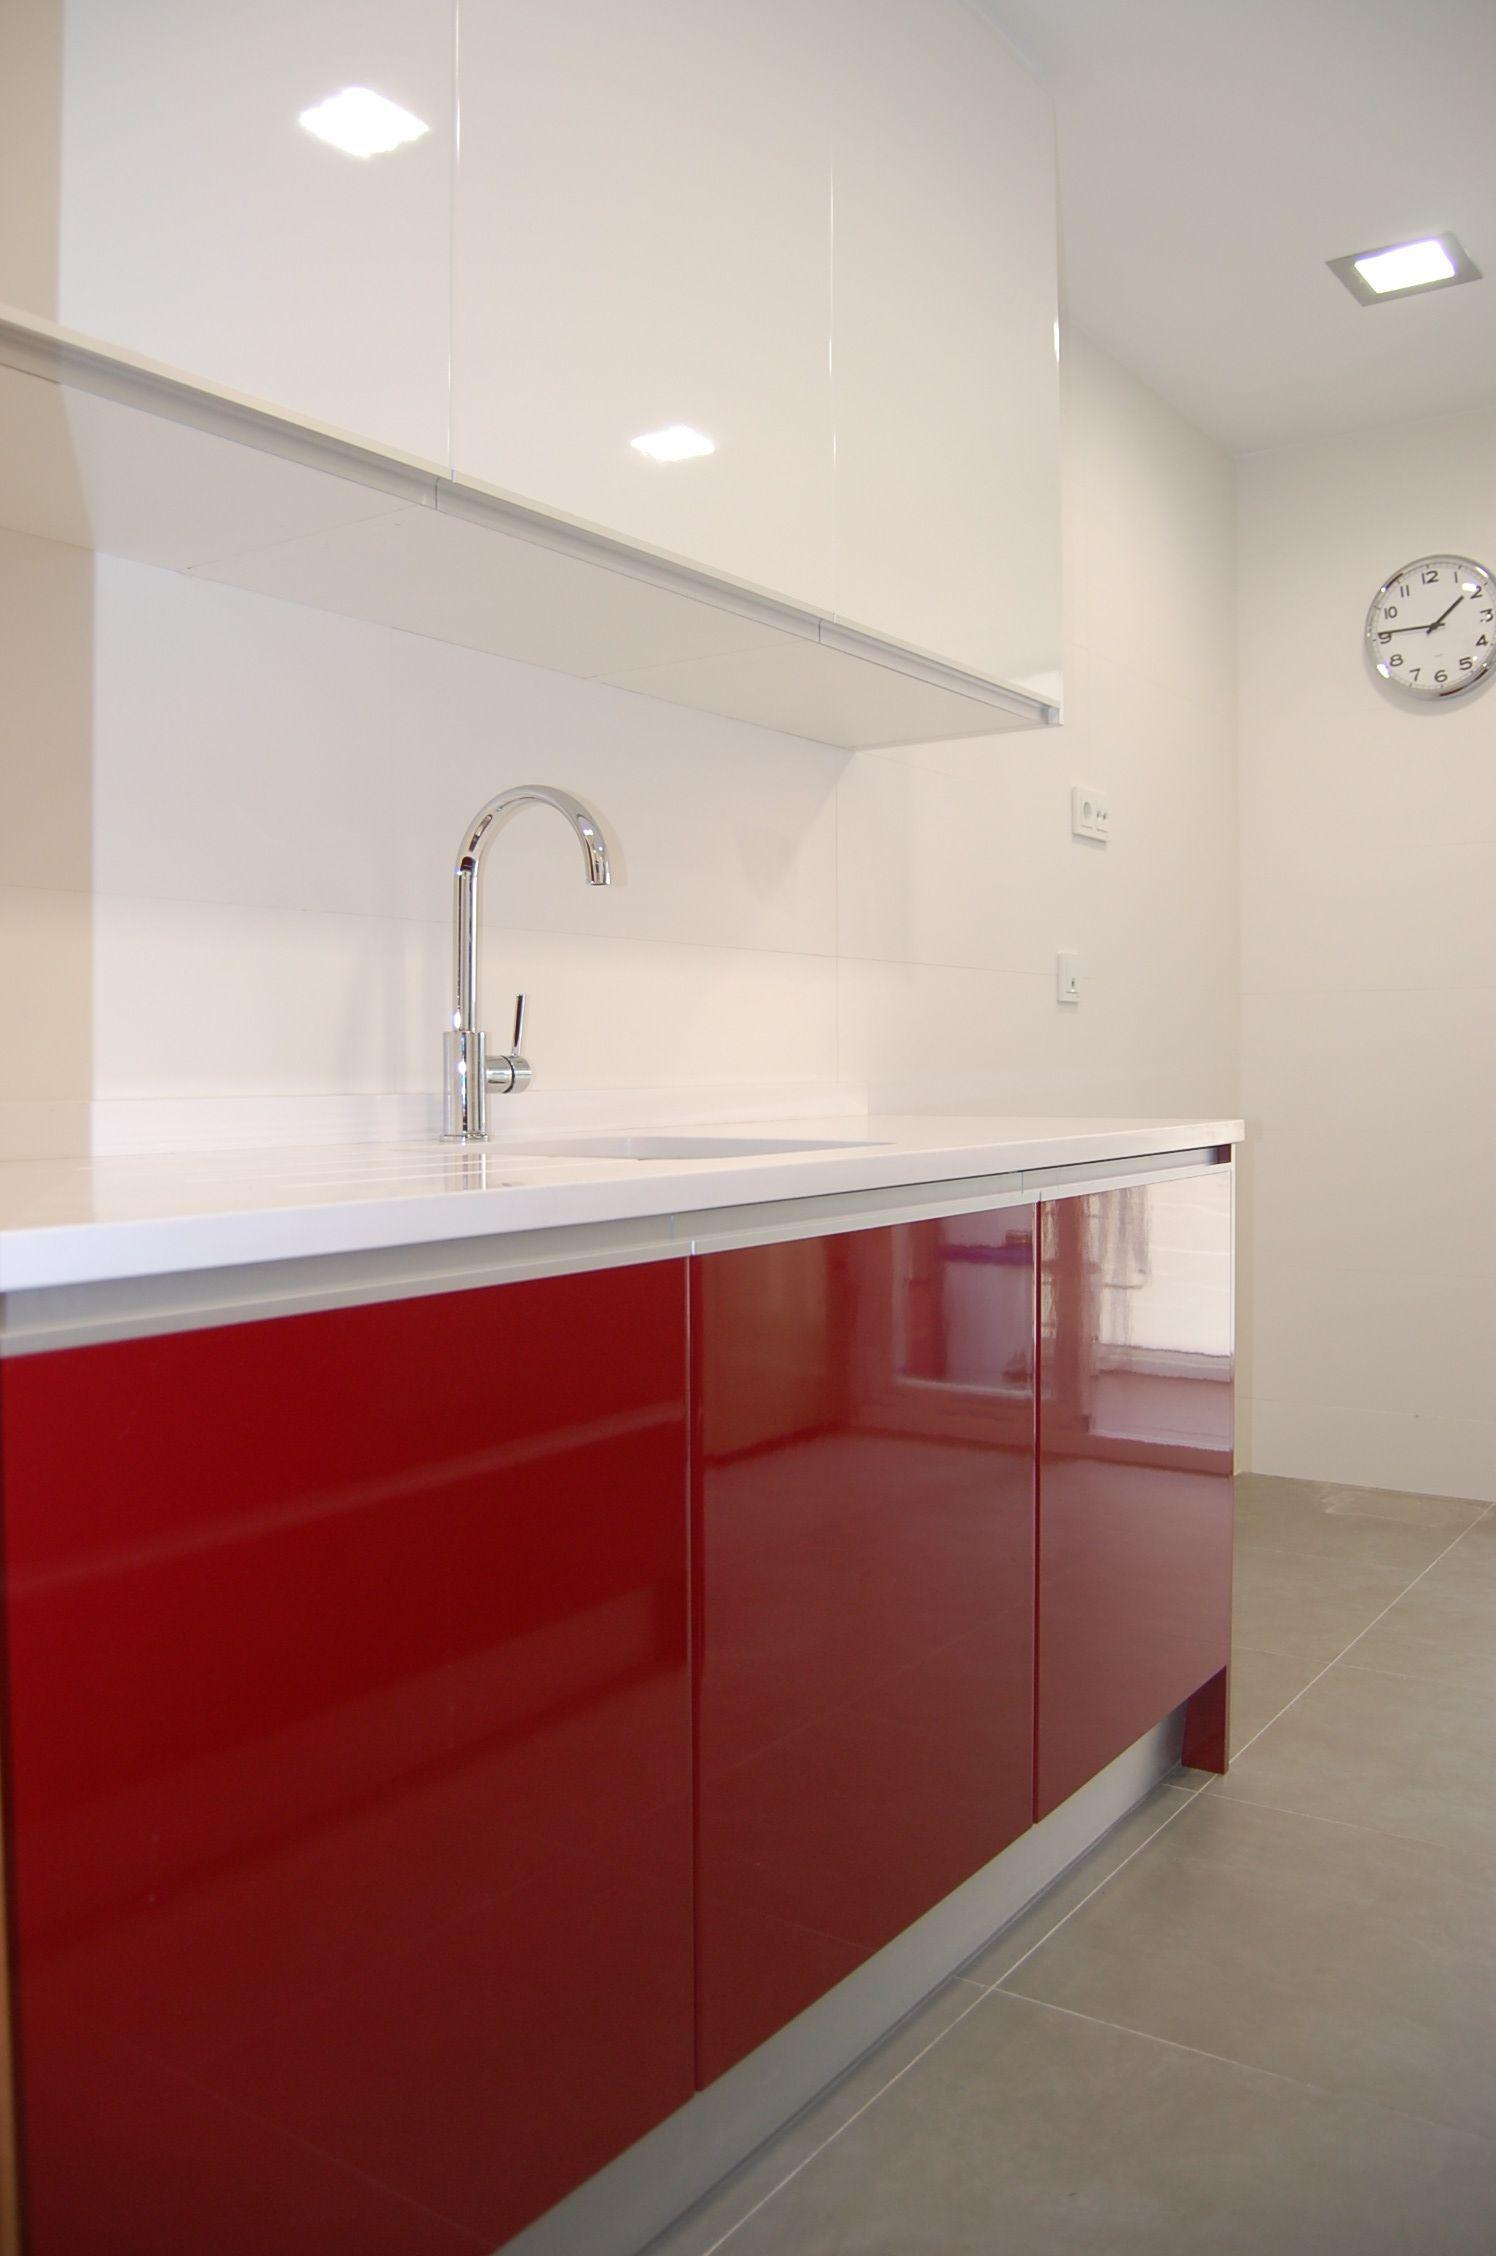 Cocina con mueble rojo y encimera de silestone en blanco - Encimera silestone blanco ...